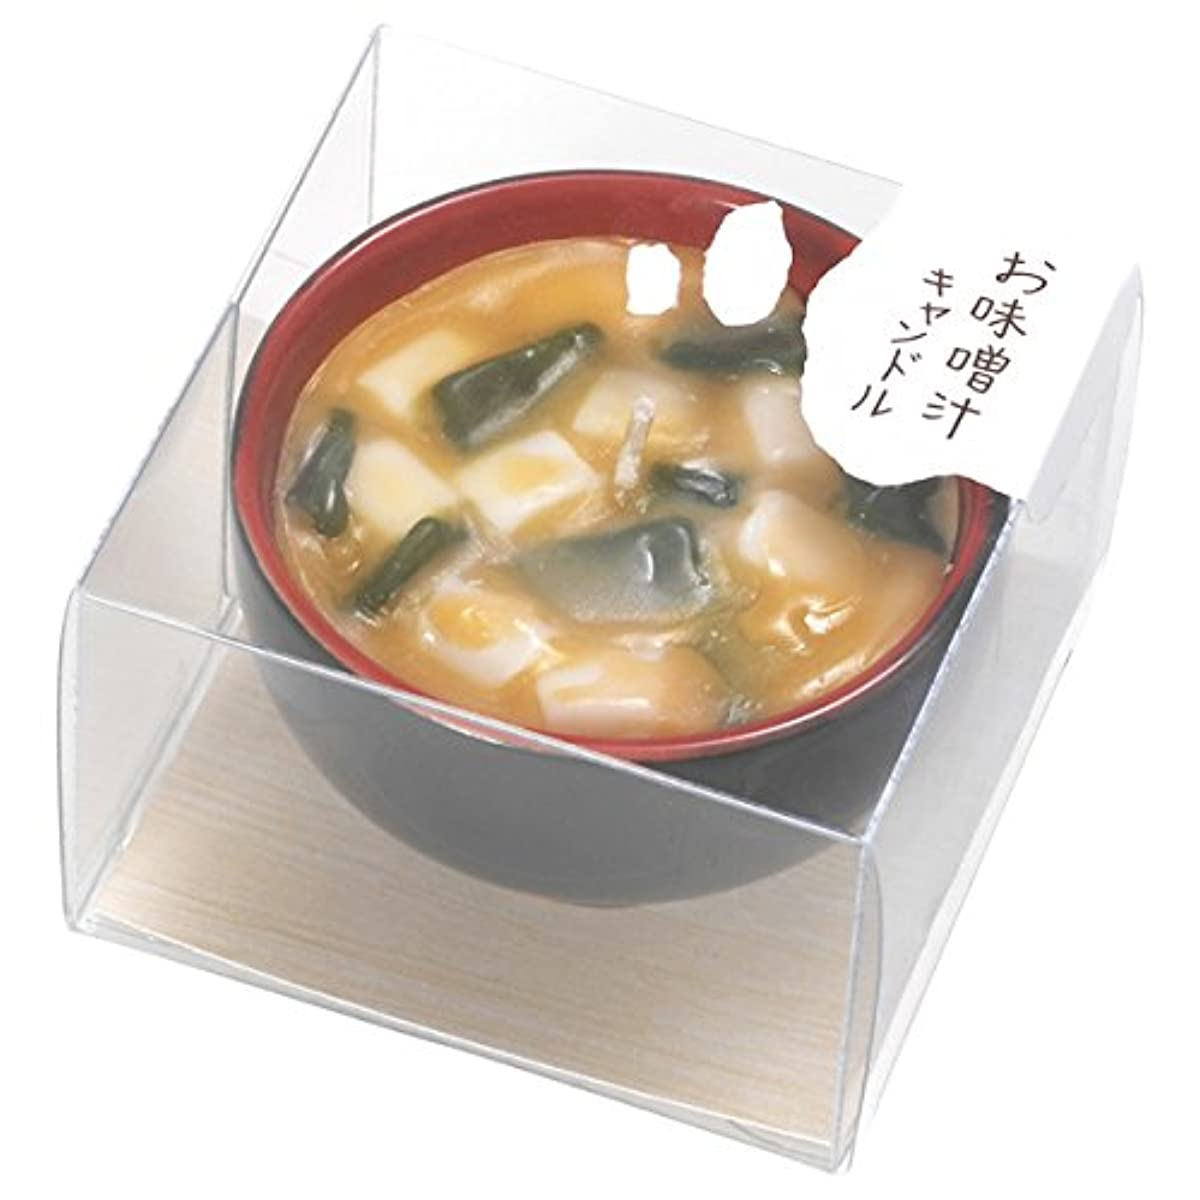 魅力的シュリンク平衡お味噌汁キャンドル 86950000